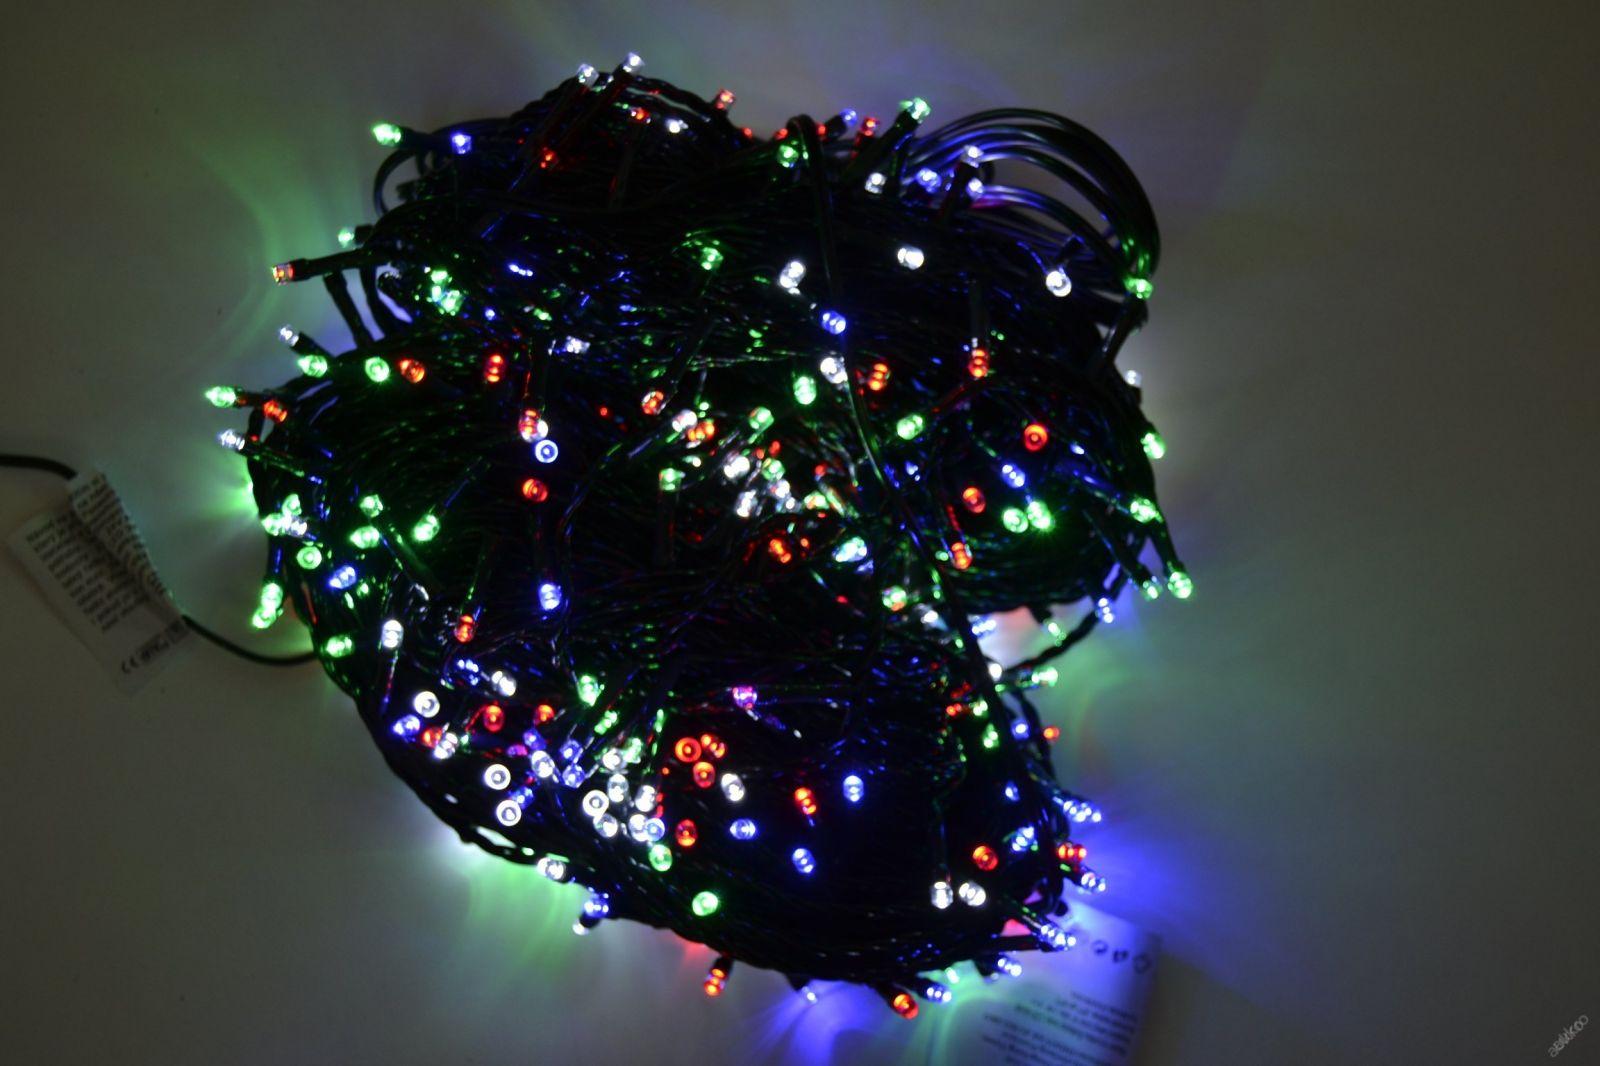 VENKOVNÍ VÁNOČNÍ OSVĚTLENÍ 500 LED - BAREVNÉ